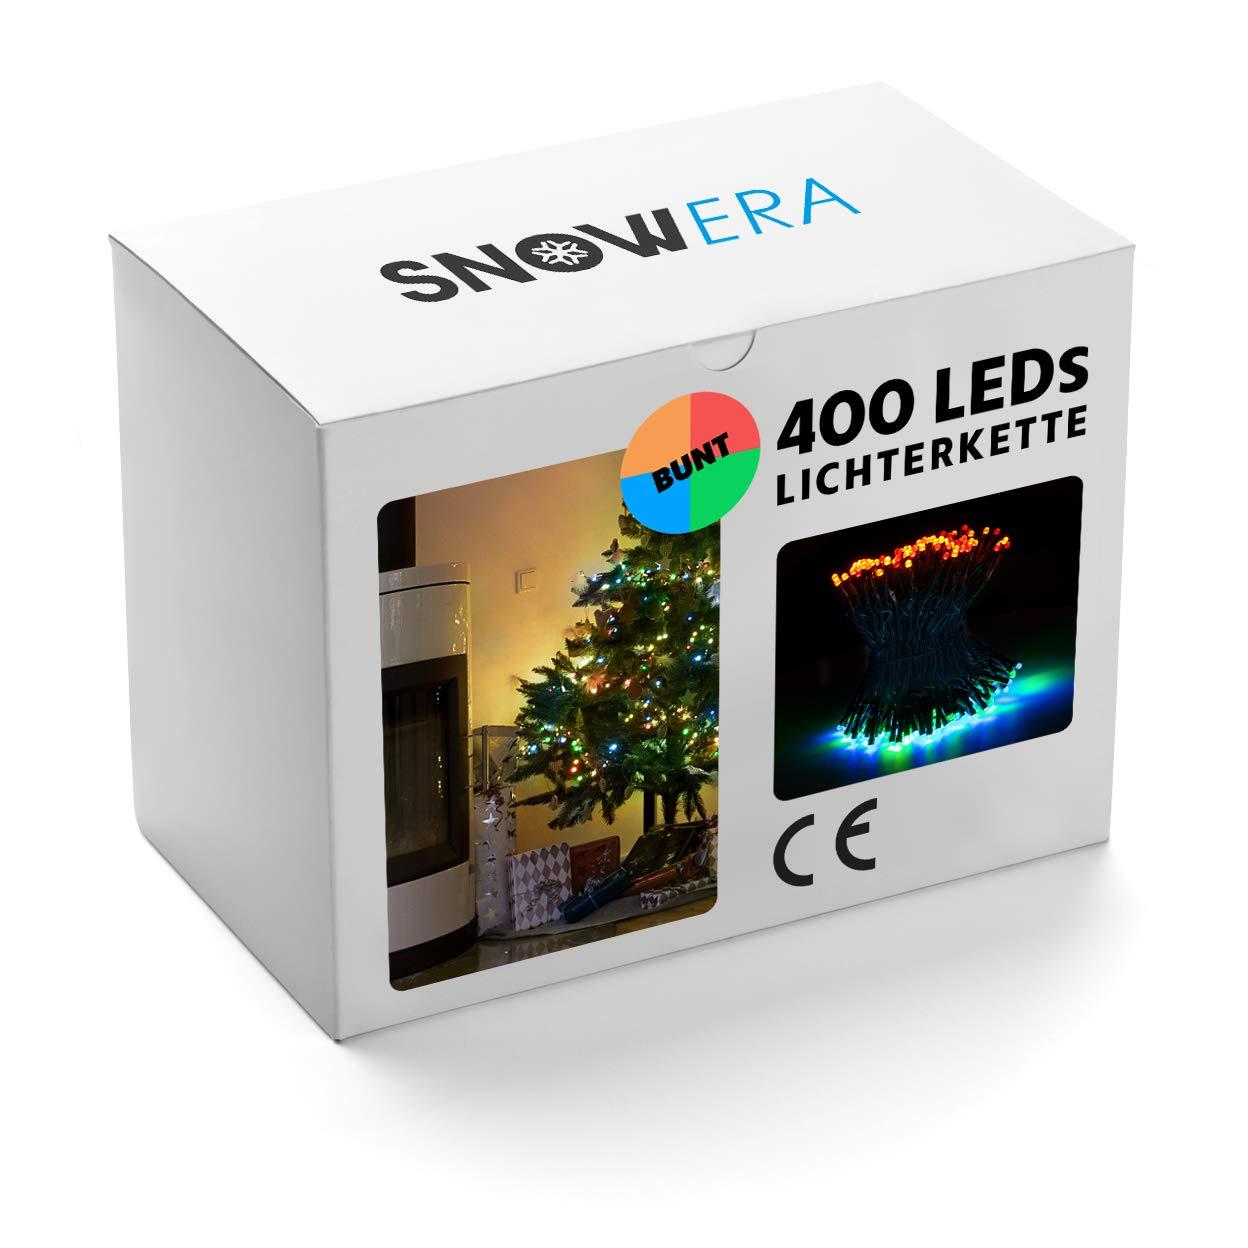 SnowEra 200 LED Auß enlichterkette, amber SN-6176